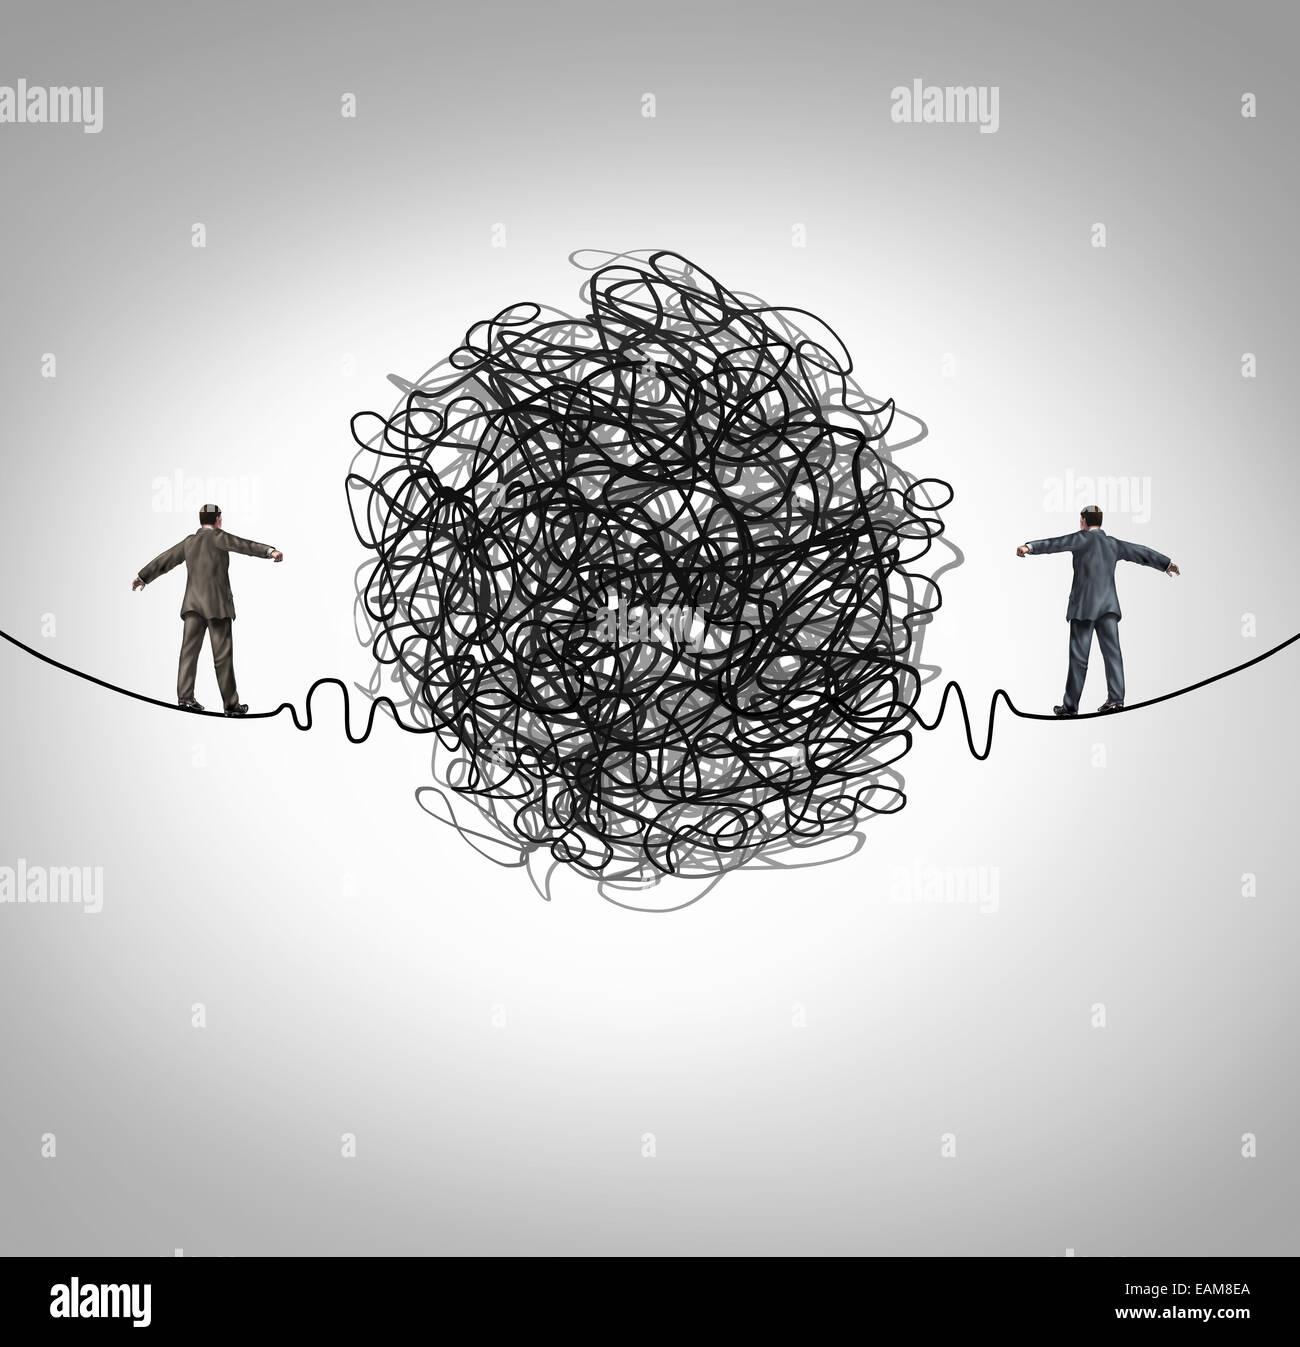 Problema di partenariato e confronto di business concept come due uomini di affari che camminando su un filo alto Immagini Stock